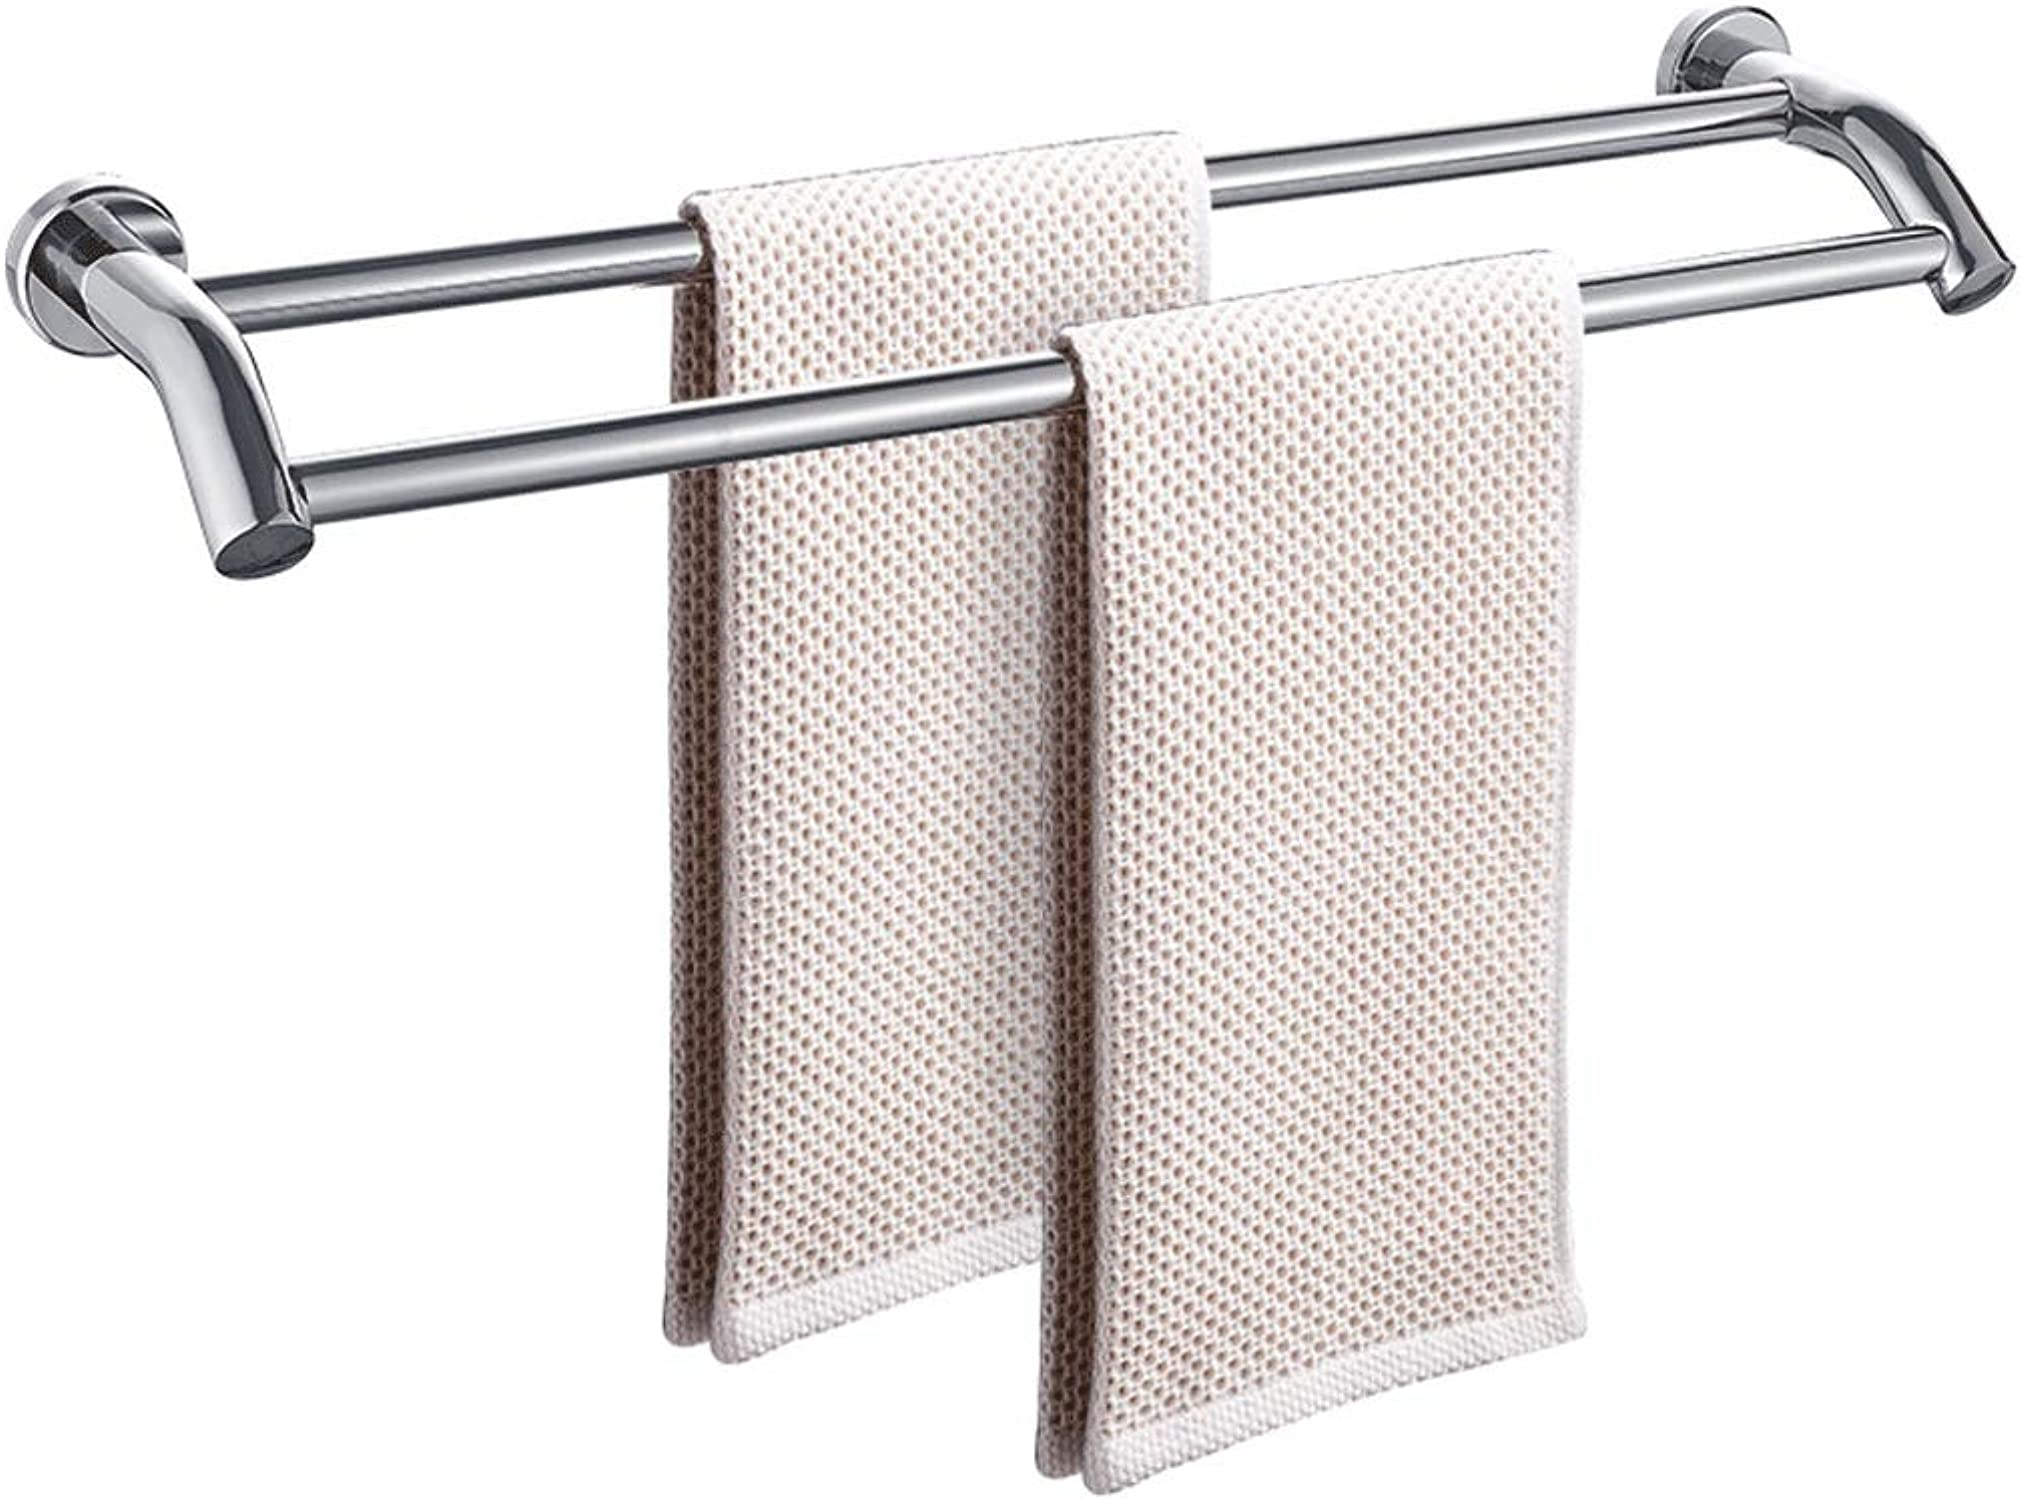 Entrega directa y rápida de fábrica WYDM Toallero Toallero Toallero 304 toallero de Acero Inoxidable Barra Colgante toallero bao Accesorios de bao (Tamaño   L70CM)  online barato